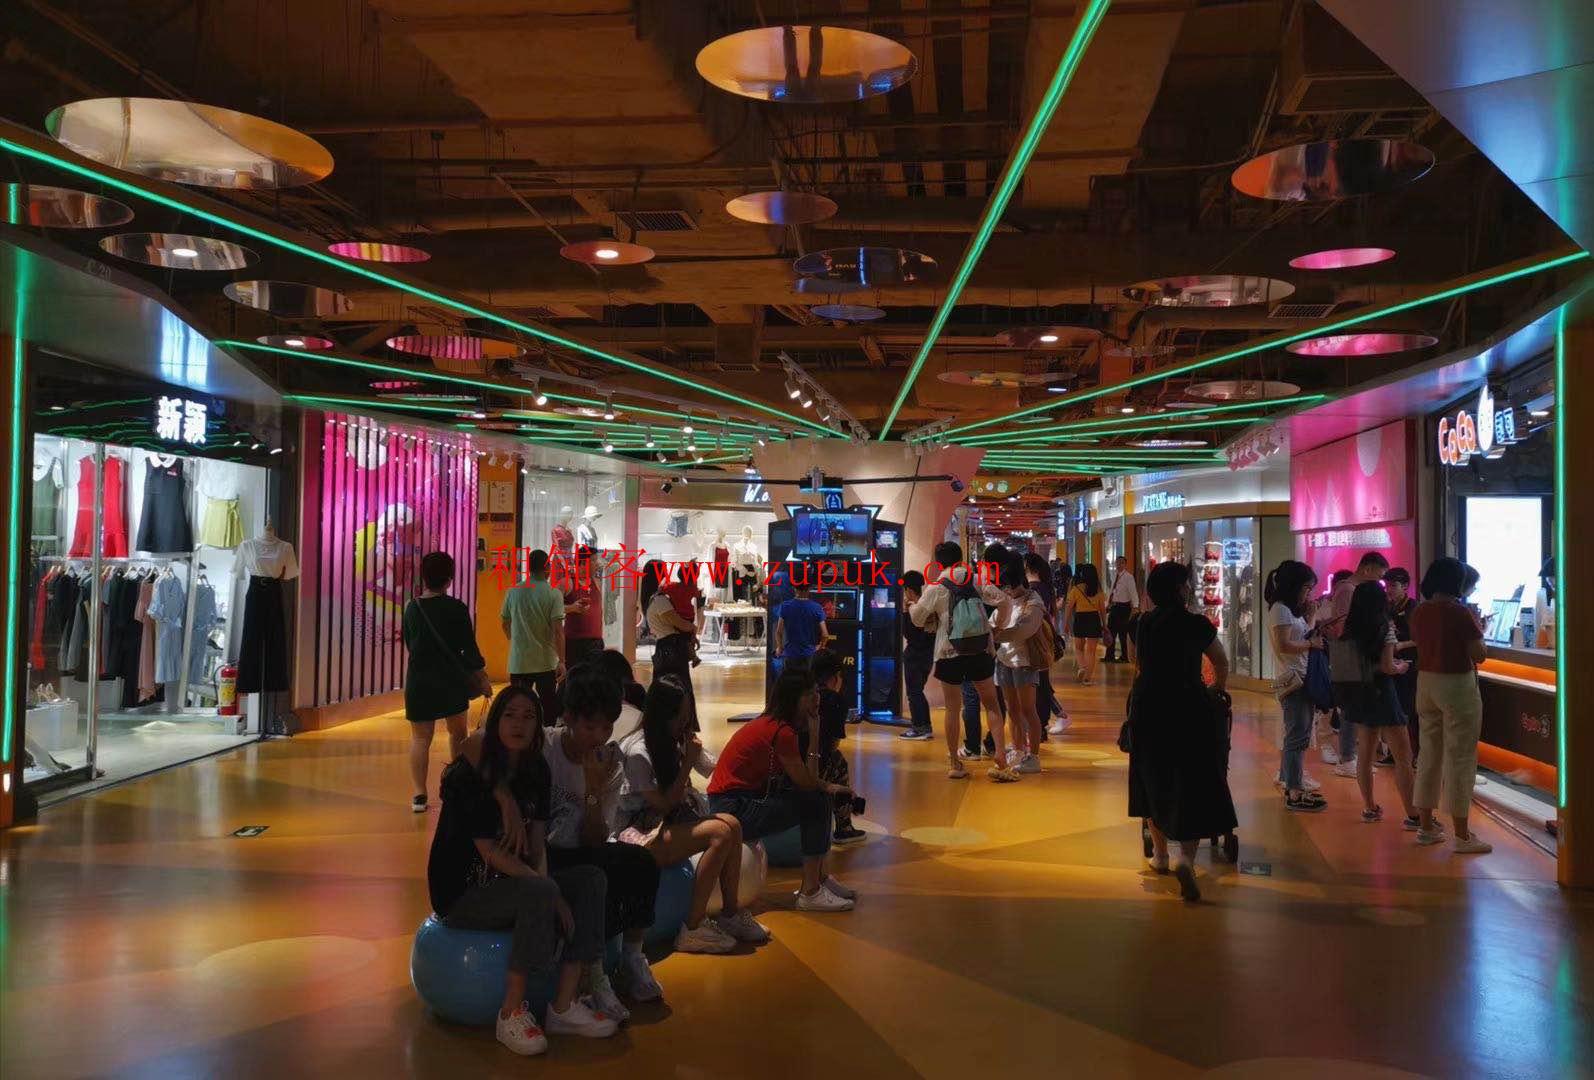 荔湾区芳村地铁口D出口步行街,人流规模大,租金低于周边市场。